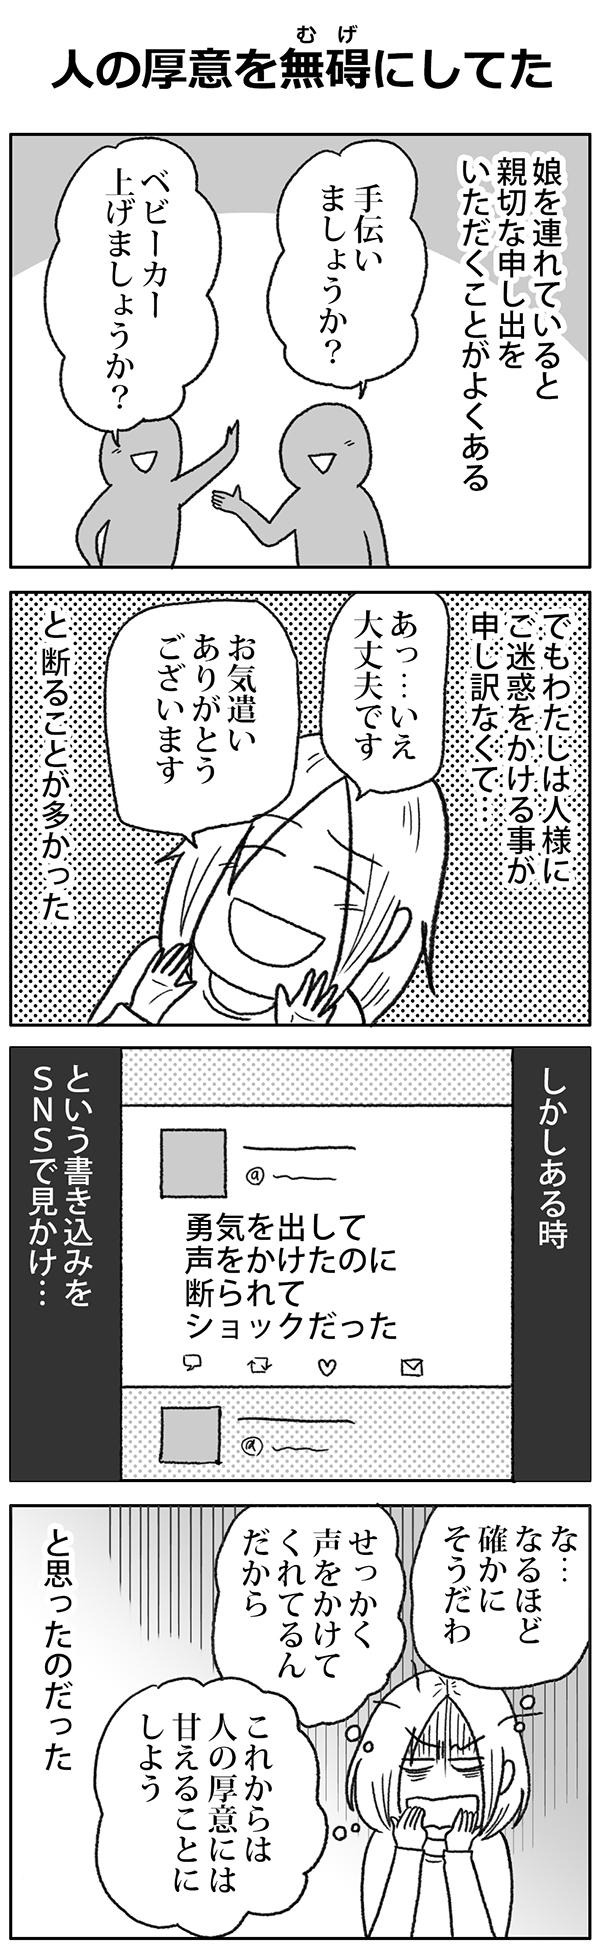 katakrico_92